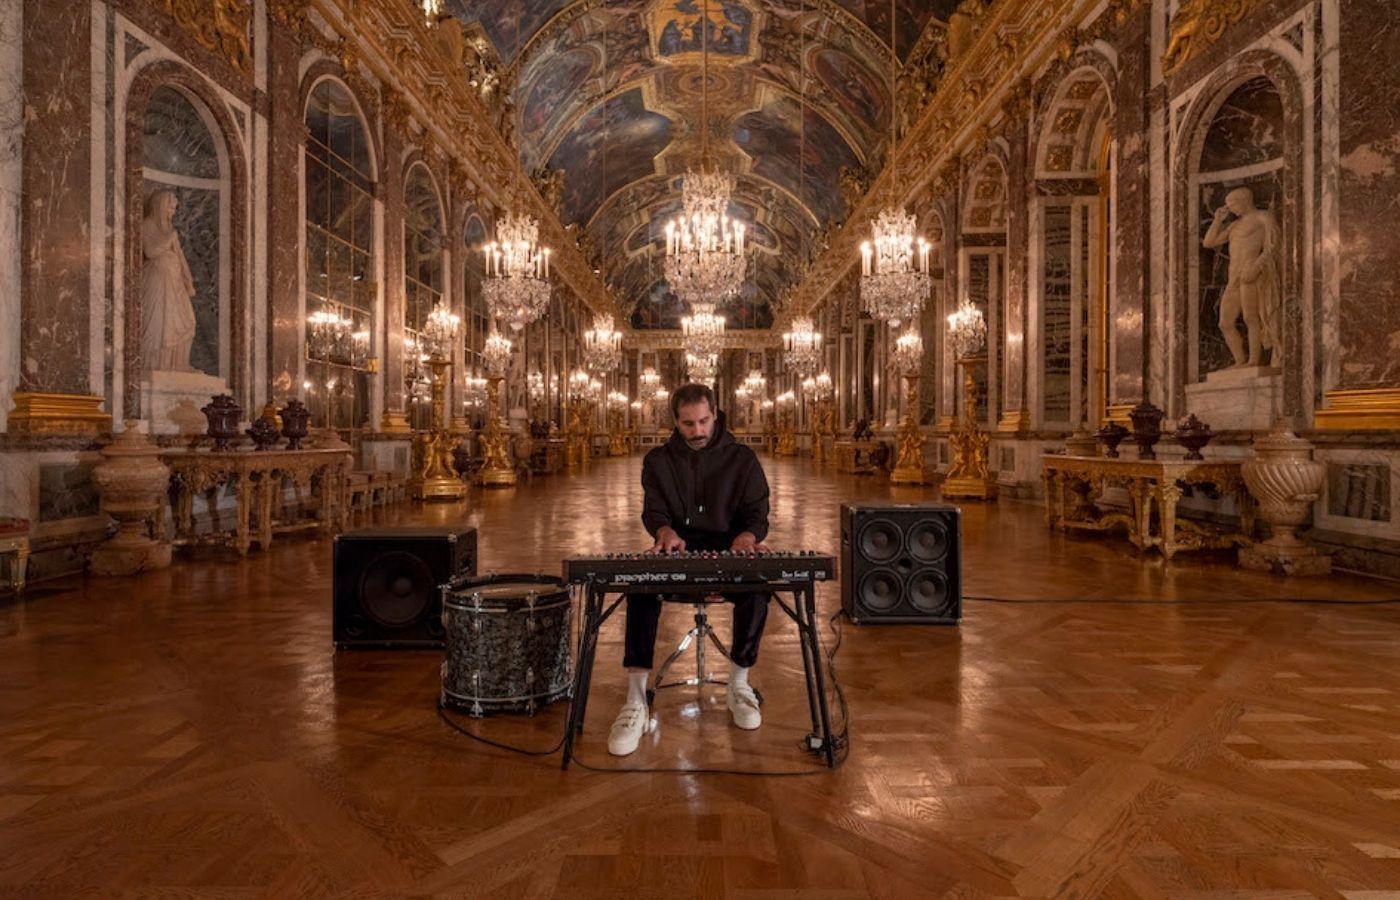 Mira este increíble video filmado en el Palacio de Versalles